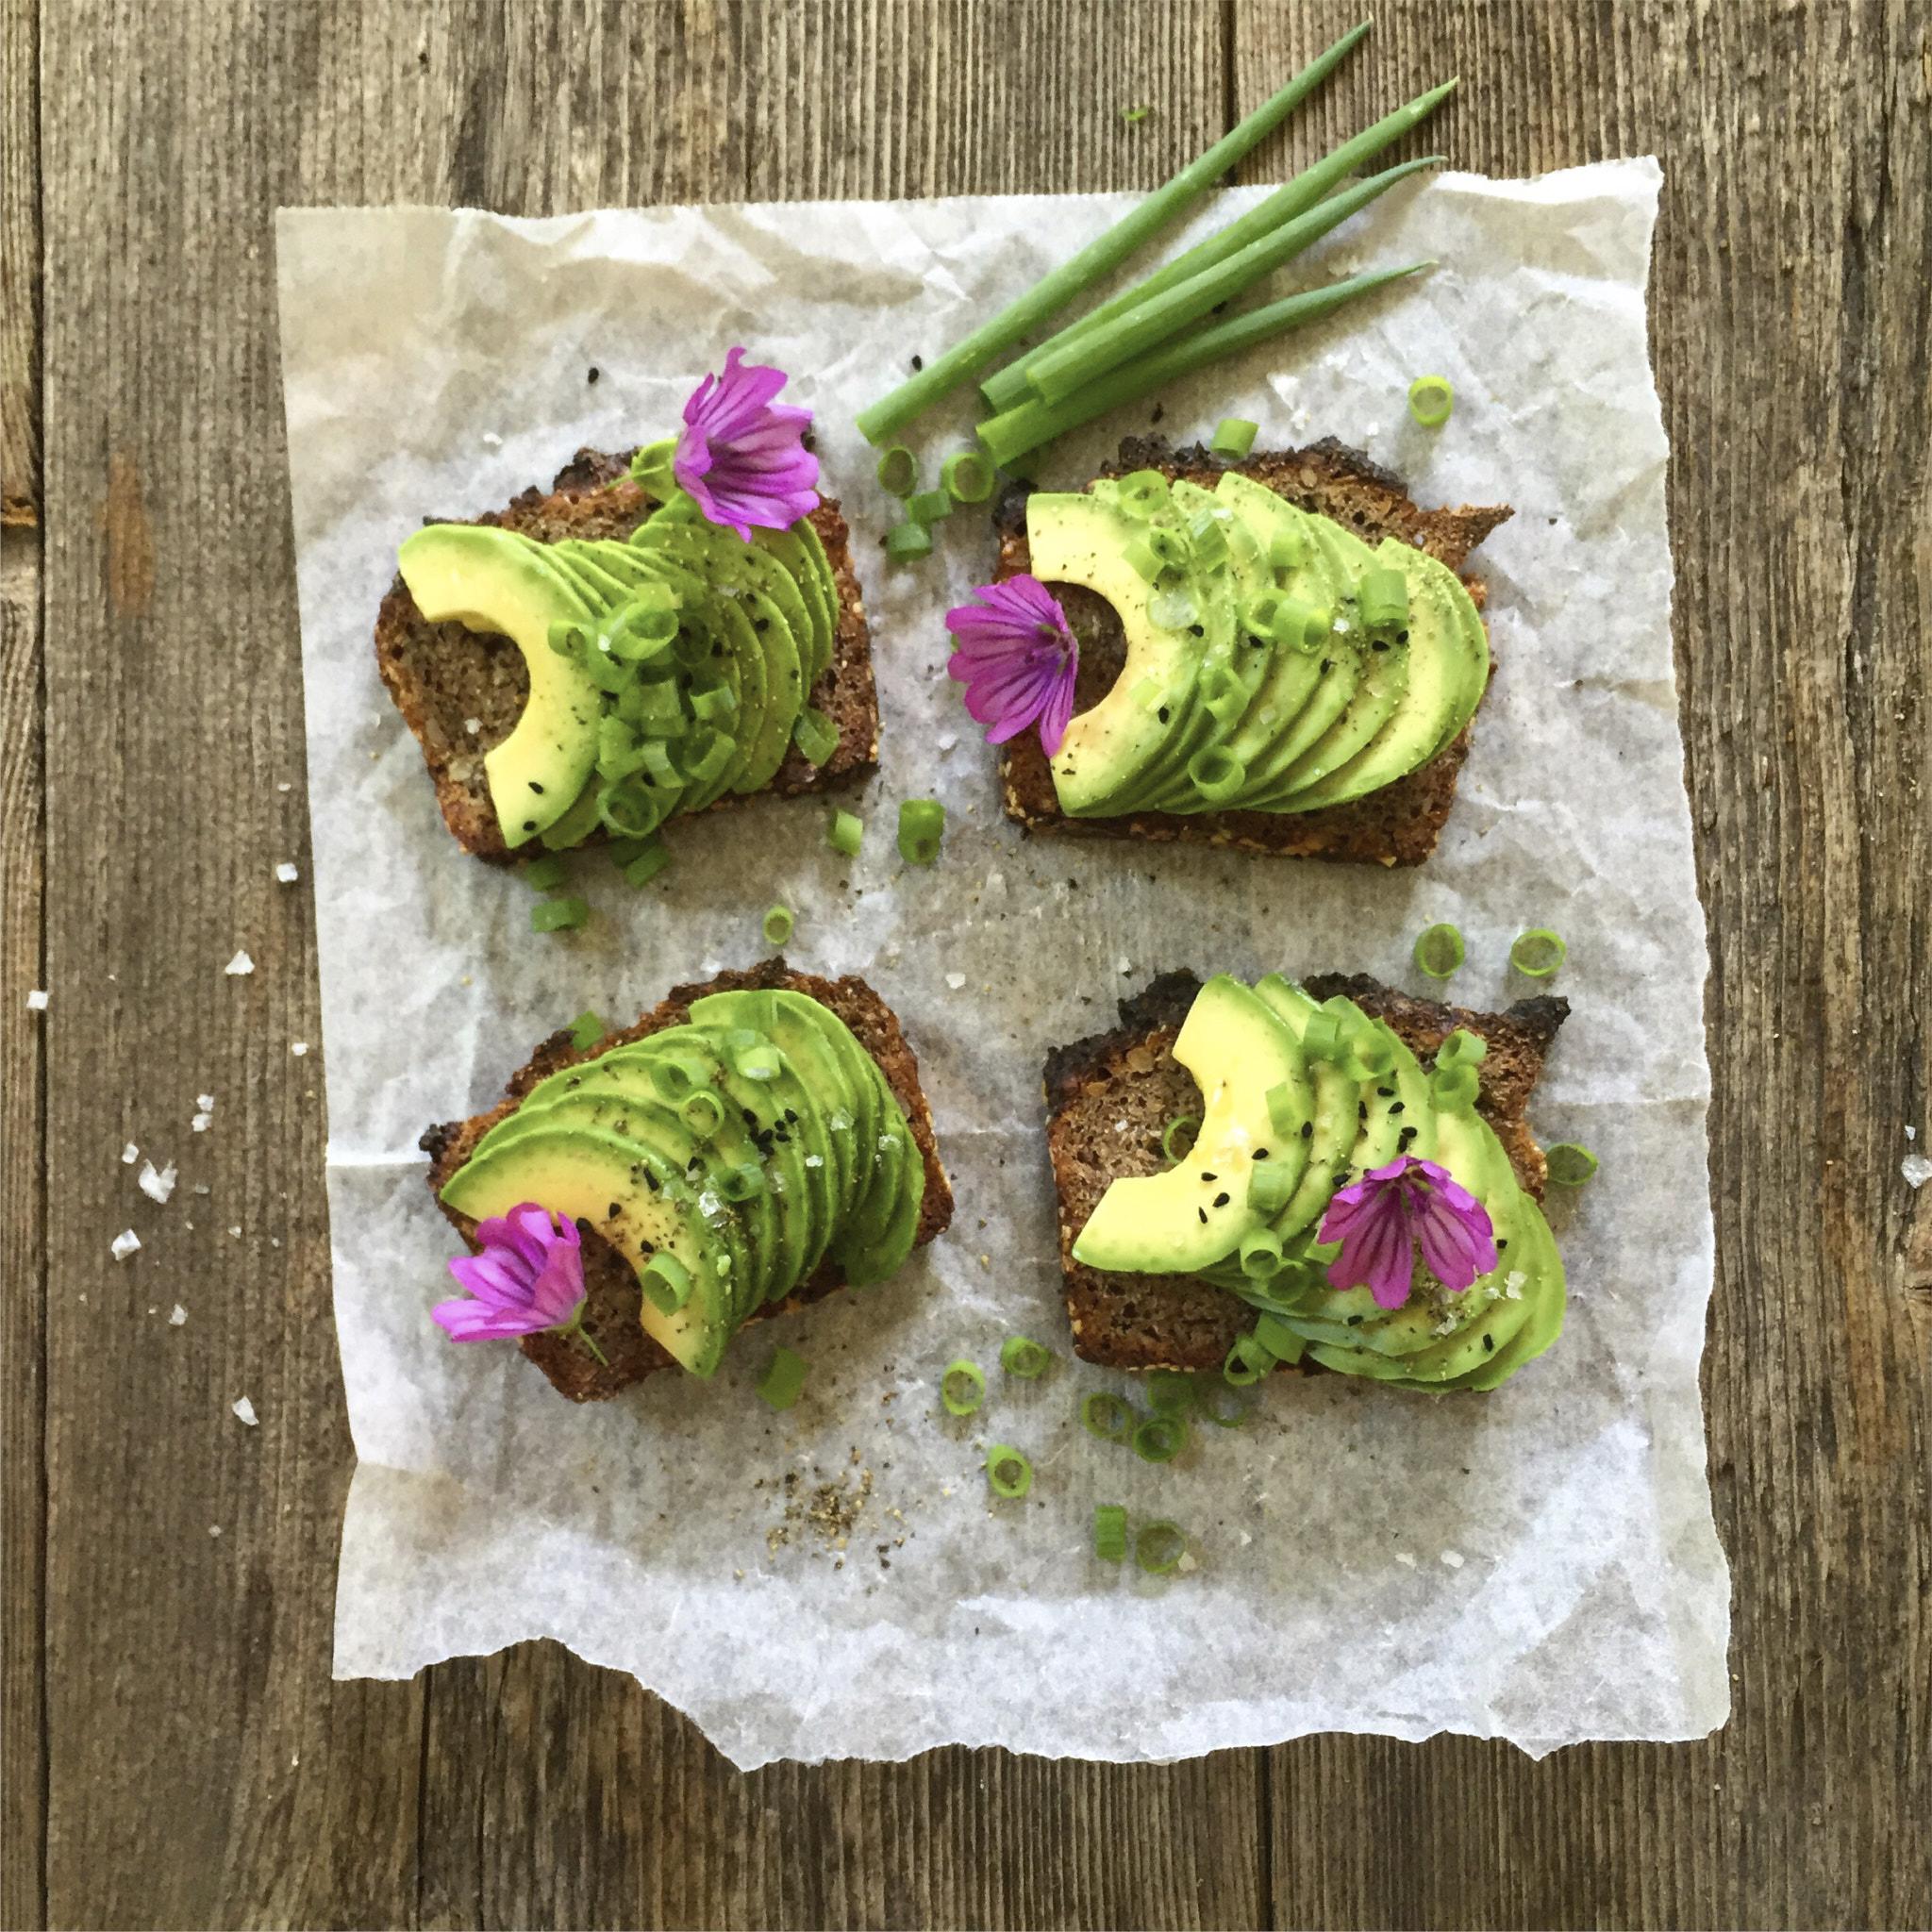 roggenbrot-sauerteig-roggenschrot-avocadobrote-brotscheiben-avocado-blueten